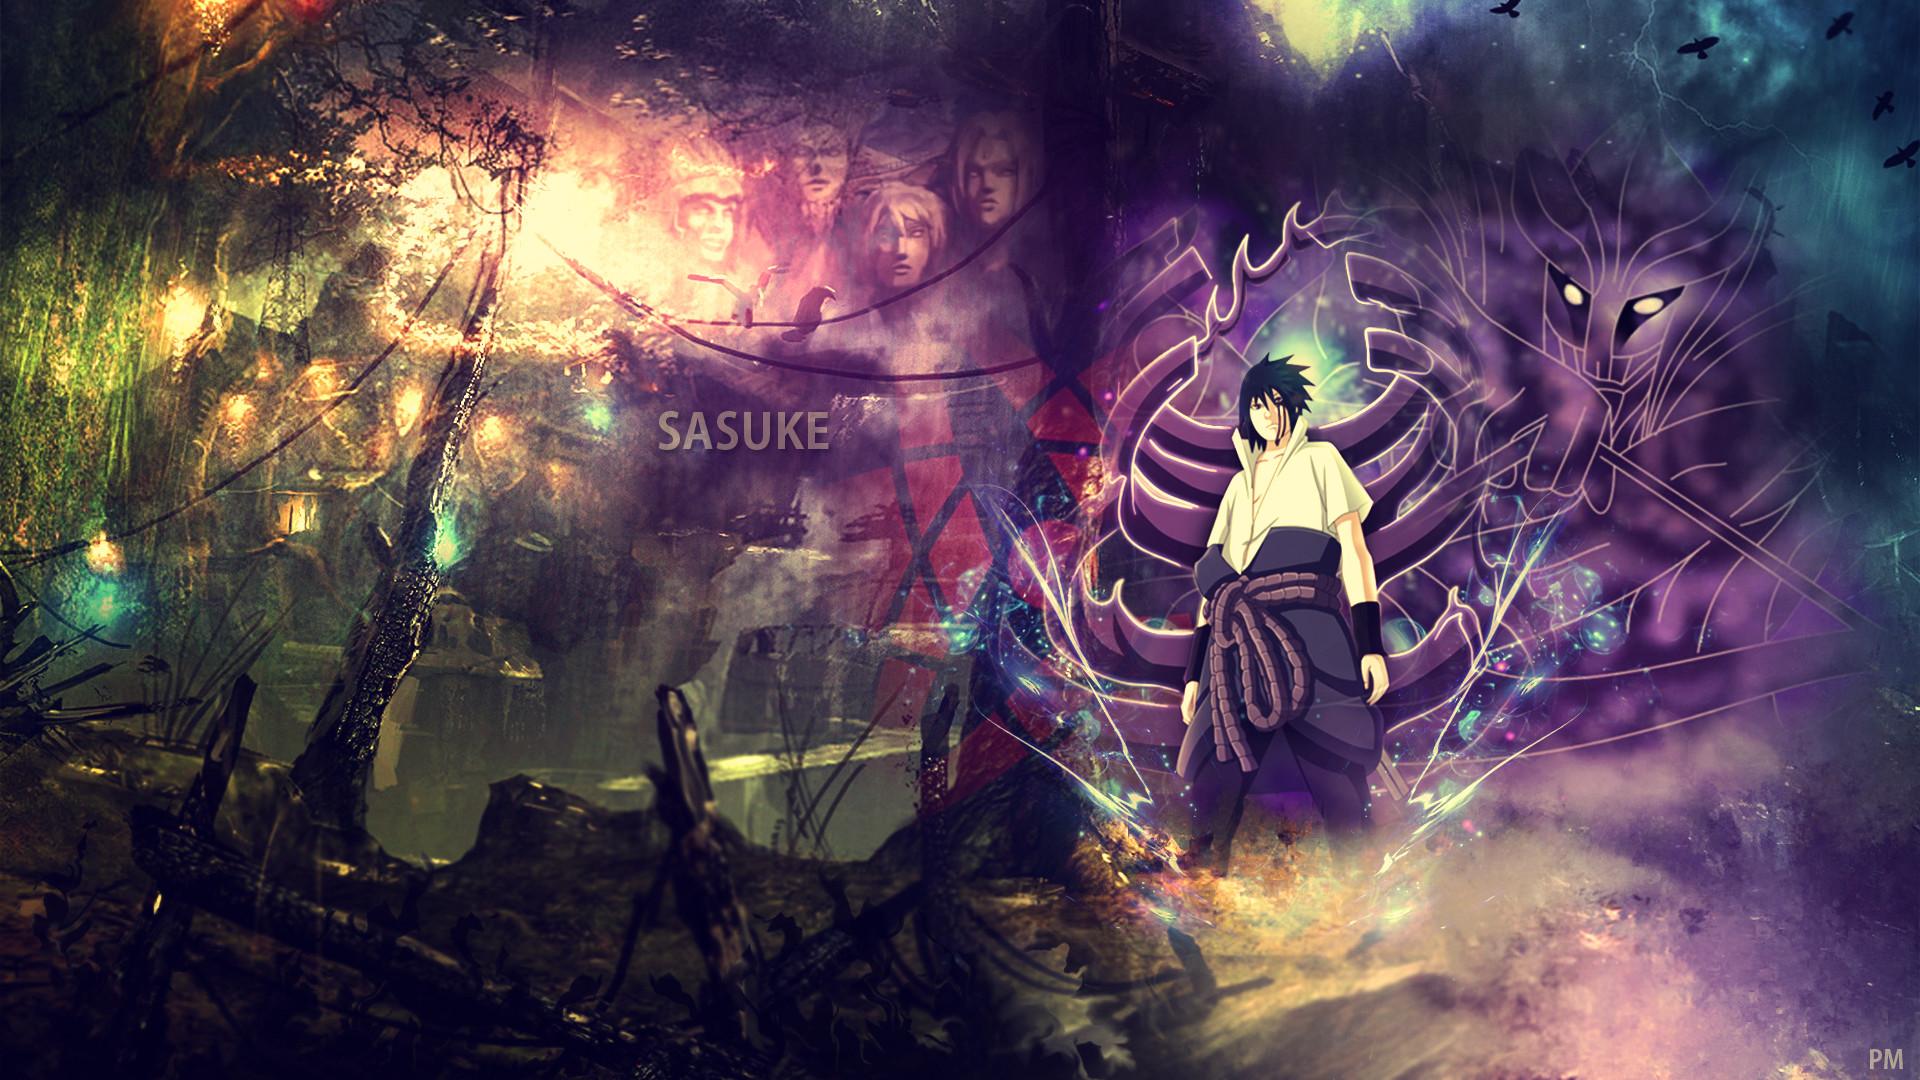 … [Wallpaper] – Sasuke Uchiha by attats